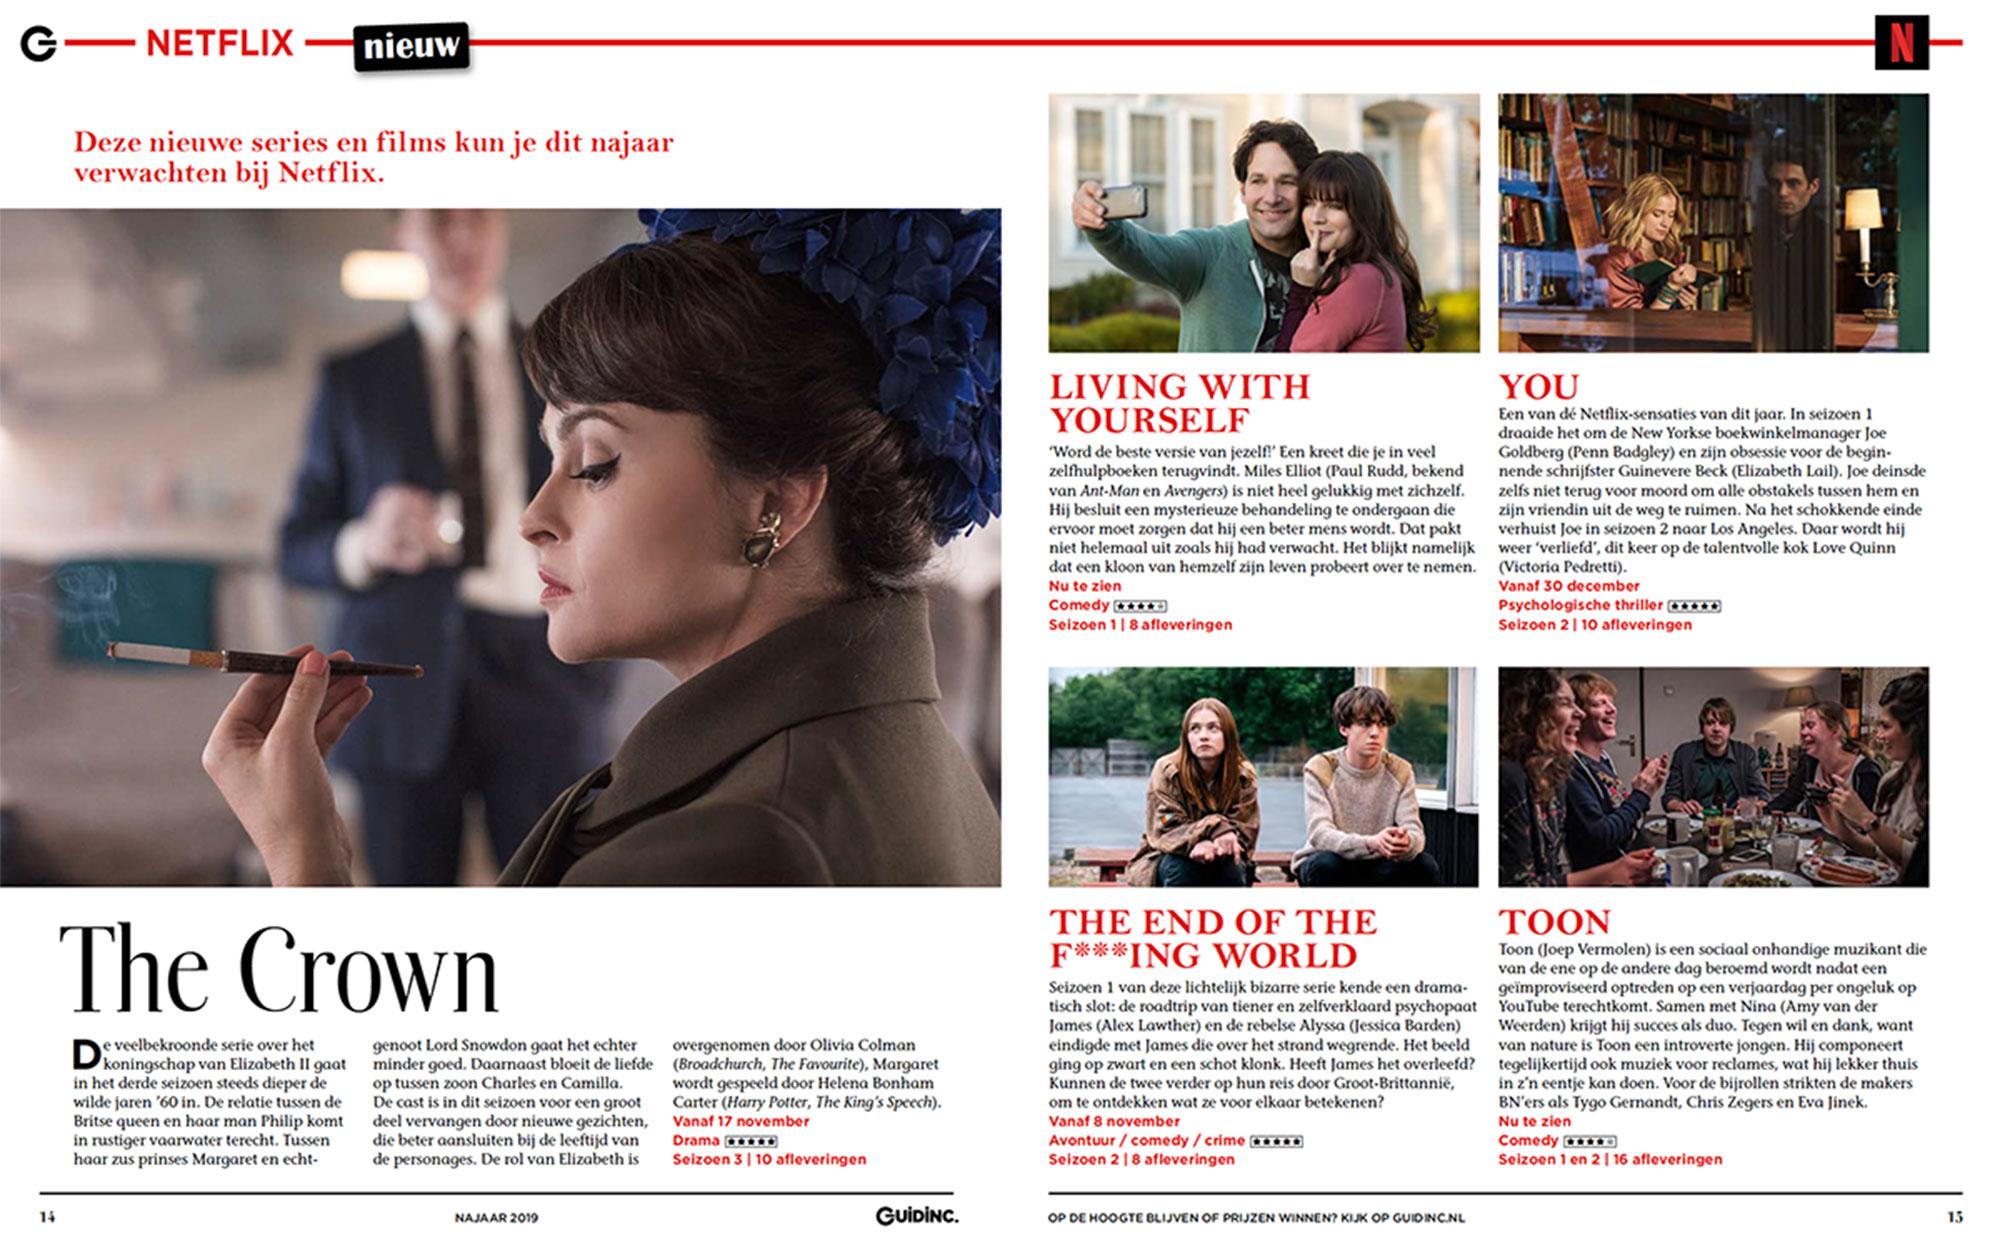 VOD-magazine Guidinc in opdracht van mediabedrijf Bindinc.